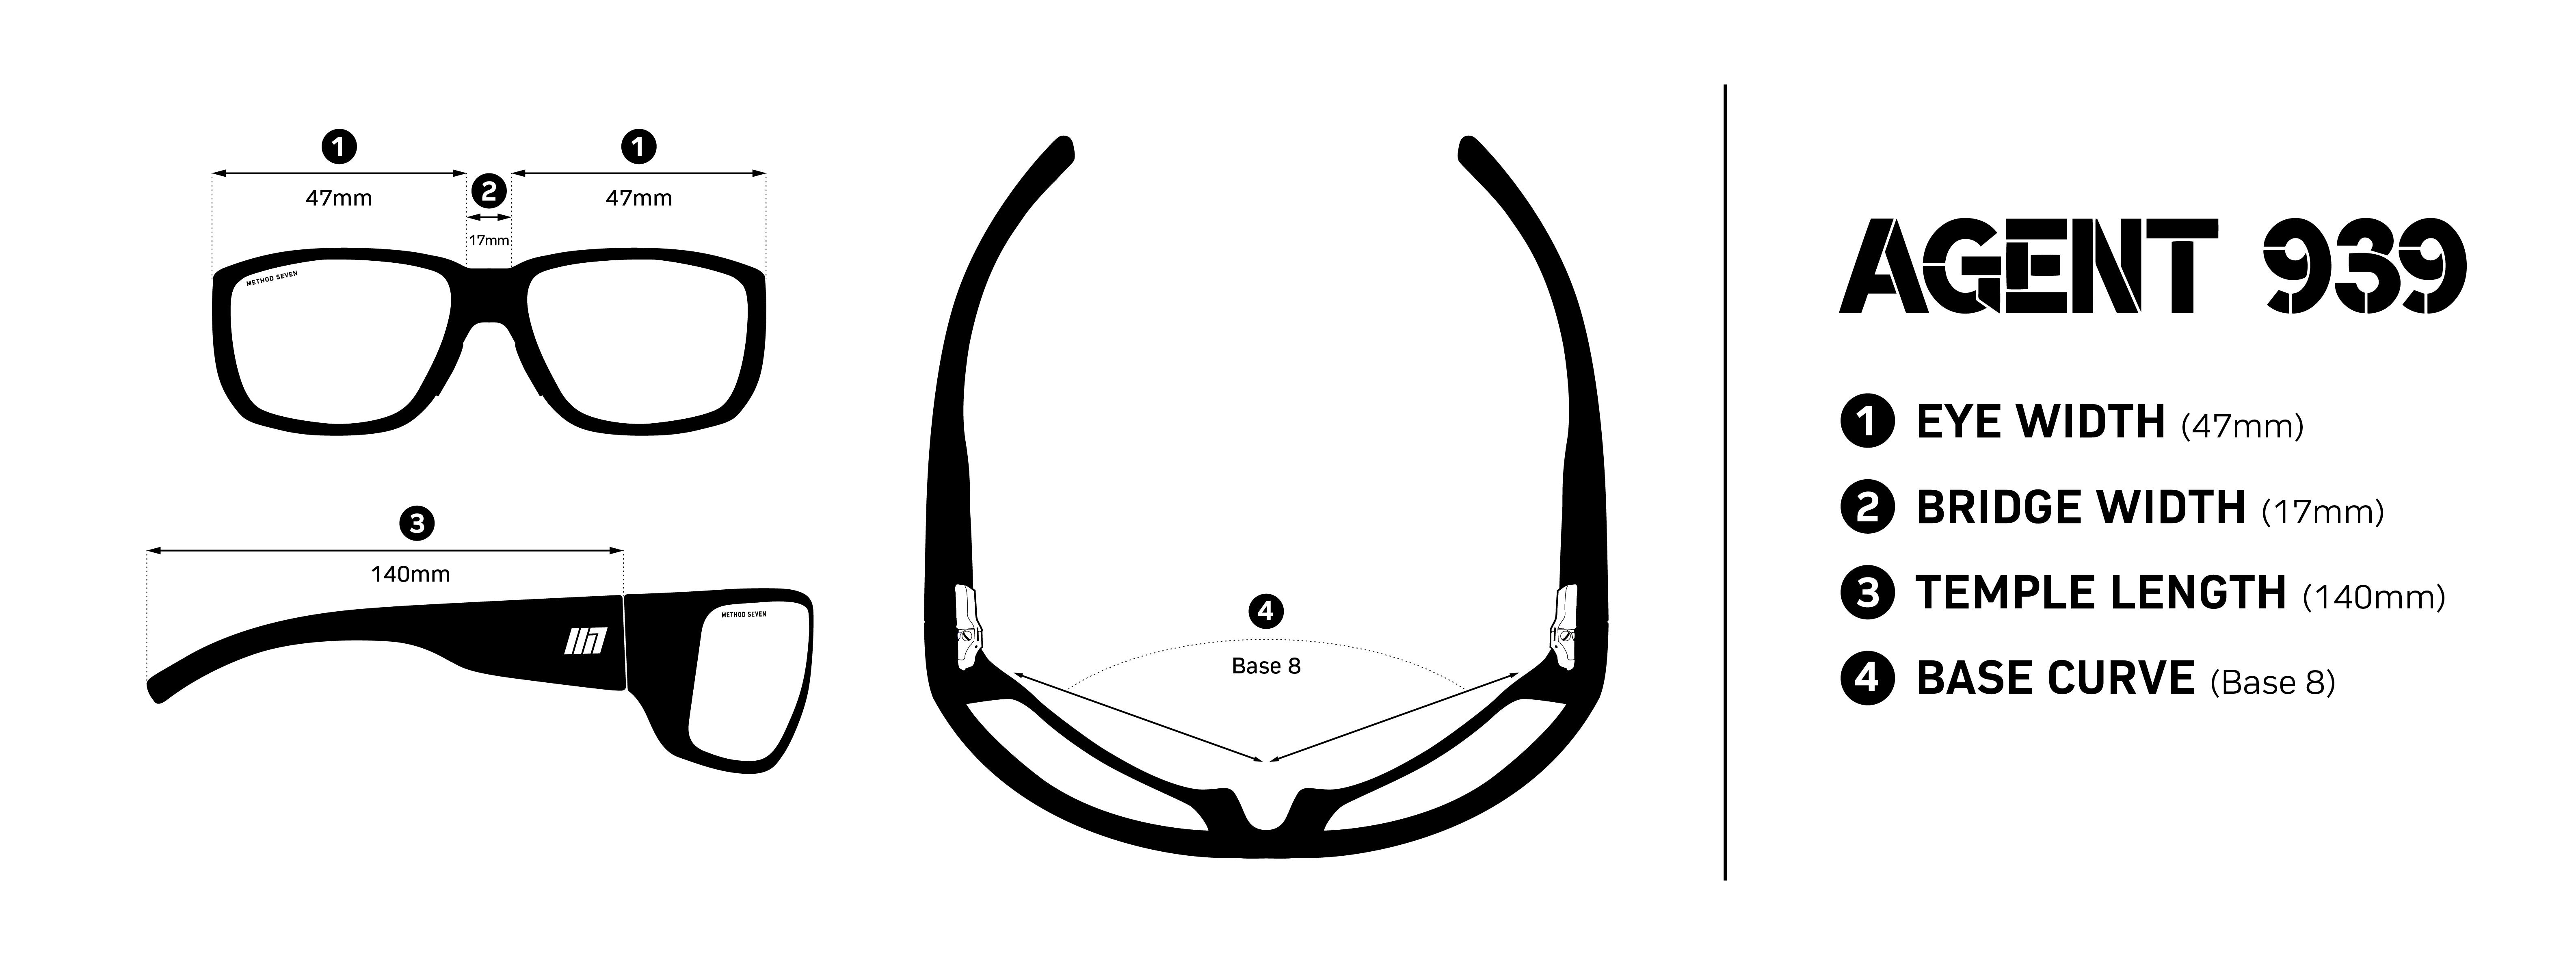 0008-frame-illustrations-phase-3-r5-v1-agent-939.jpg